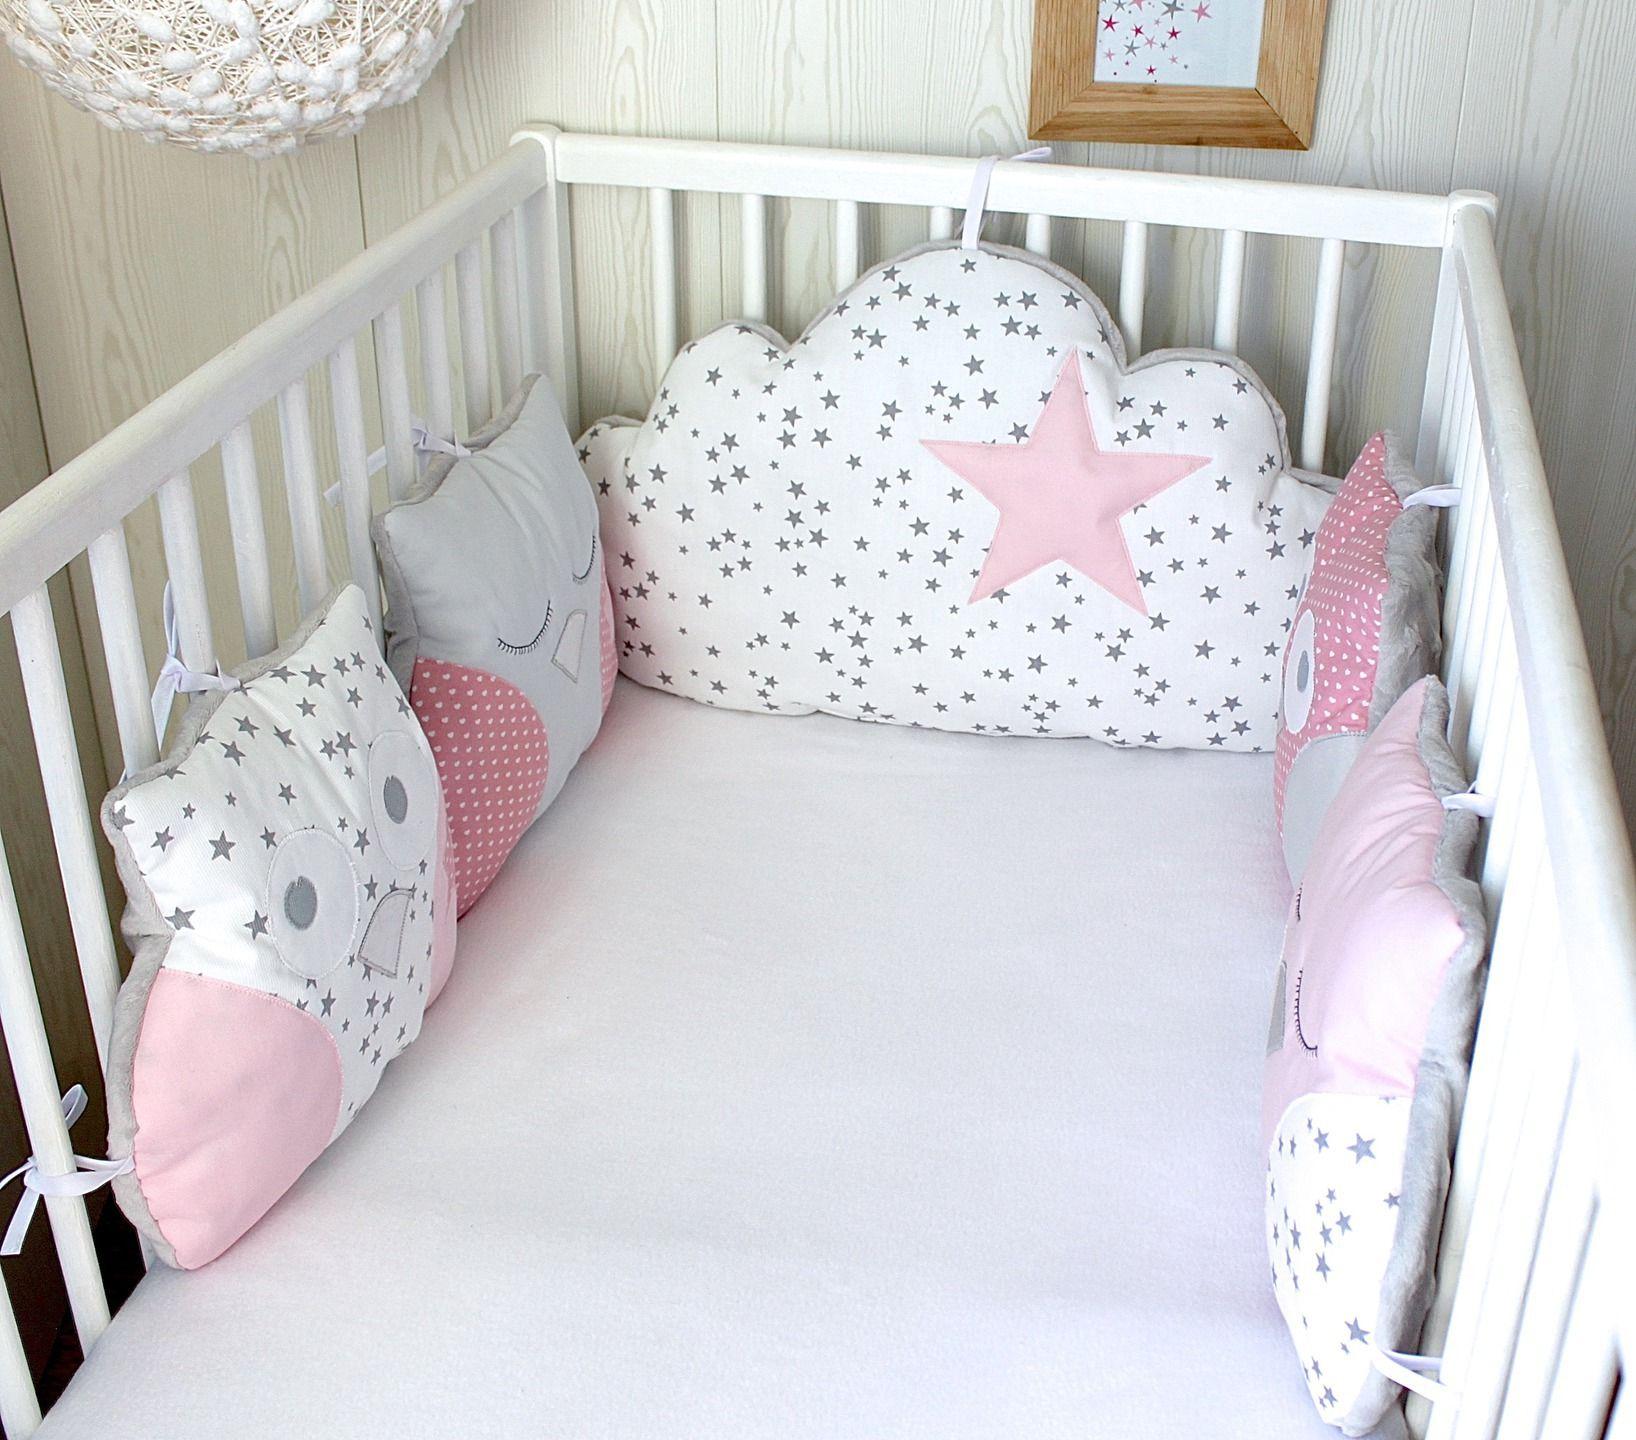 tour de lit b b fille hibou et nuage tons roses et gris pour lit de 60cm large. Black Bedroom Furniture Sets. Home Design Ideas